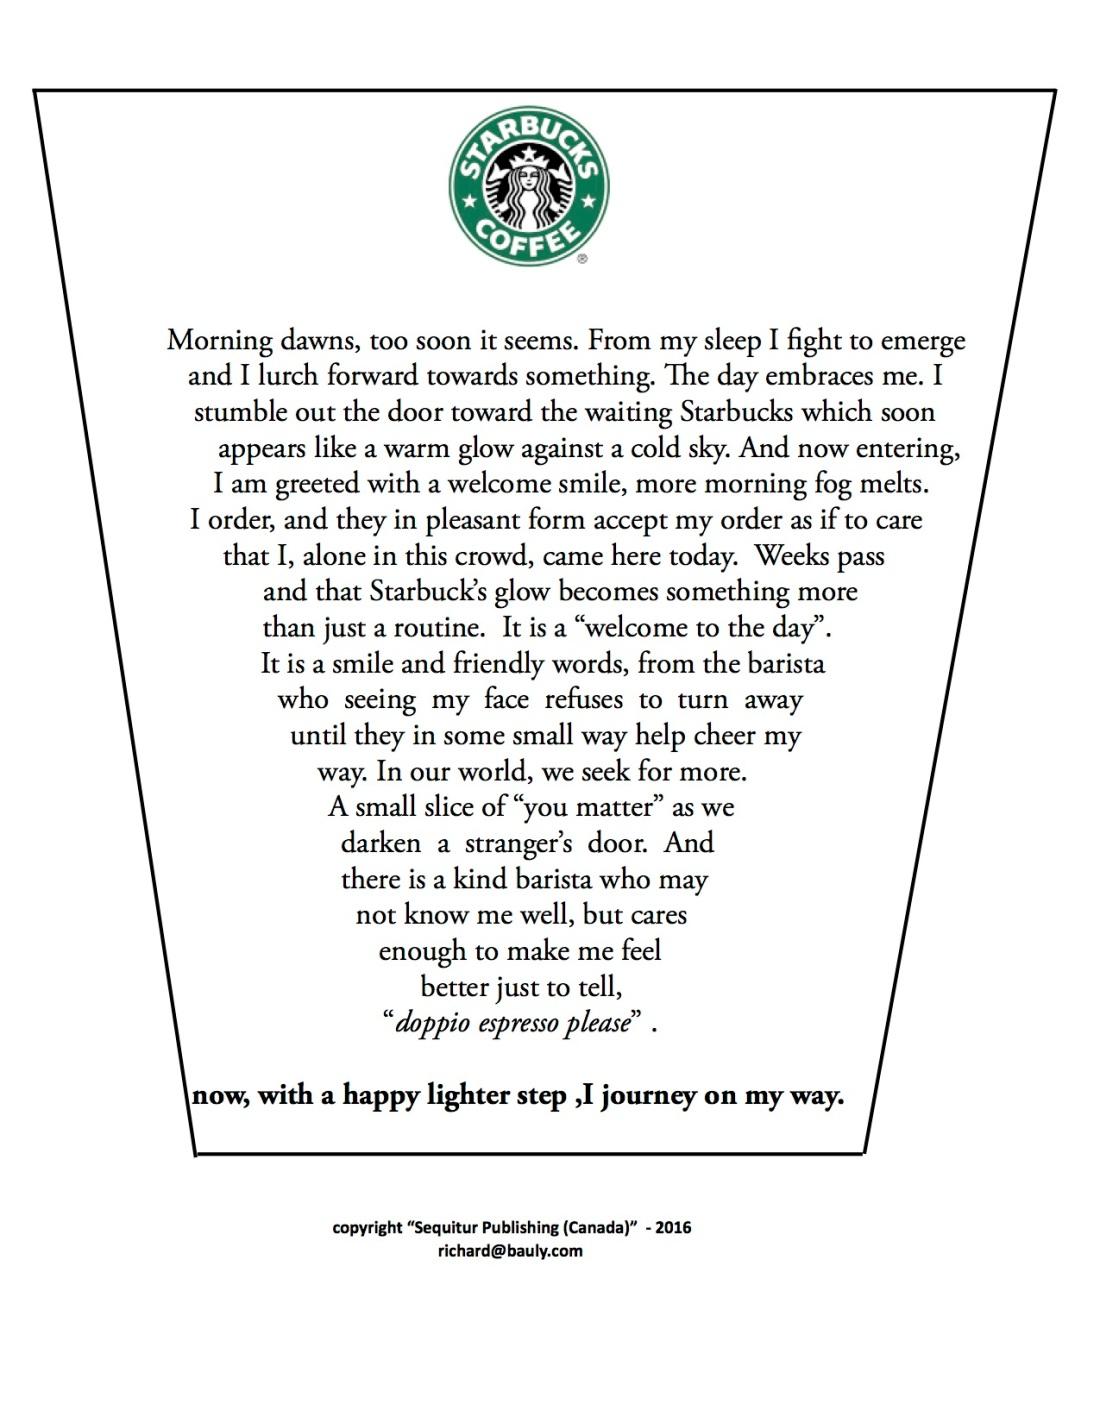 The Starbucks Poem.jpg